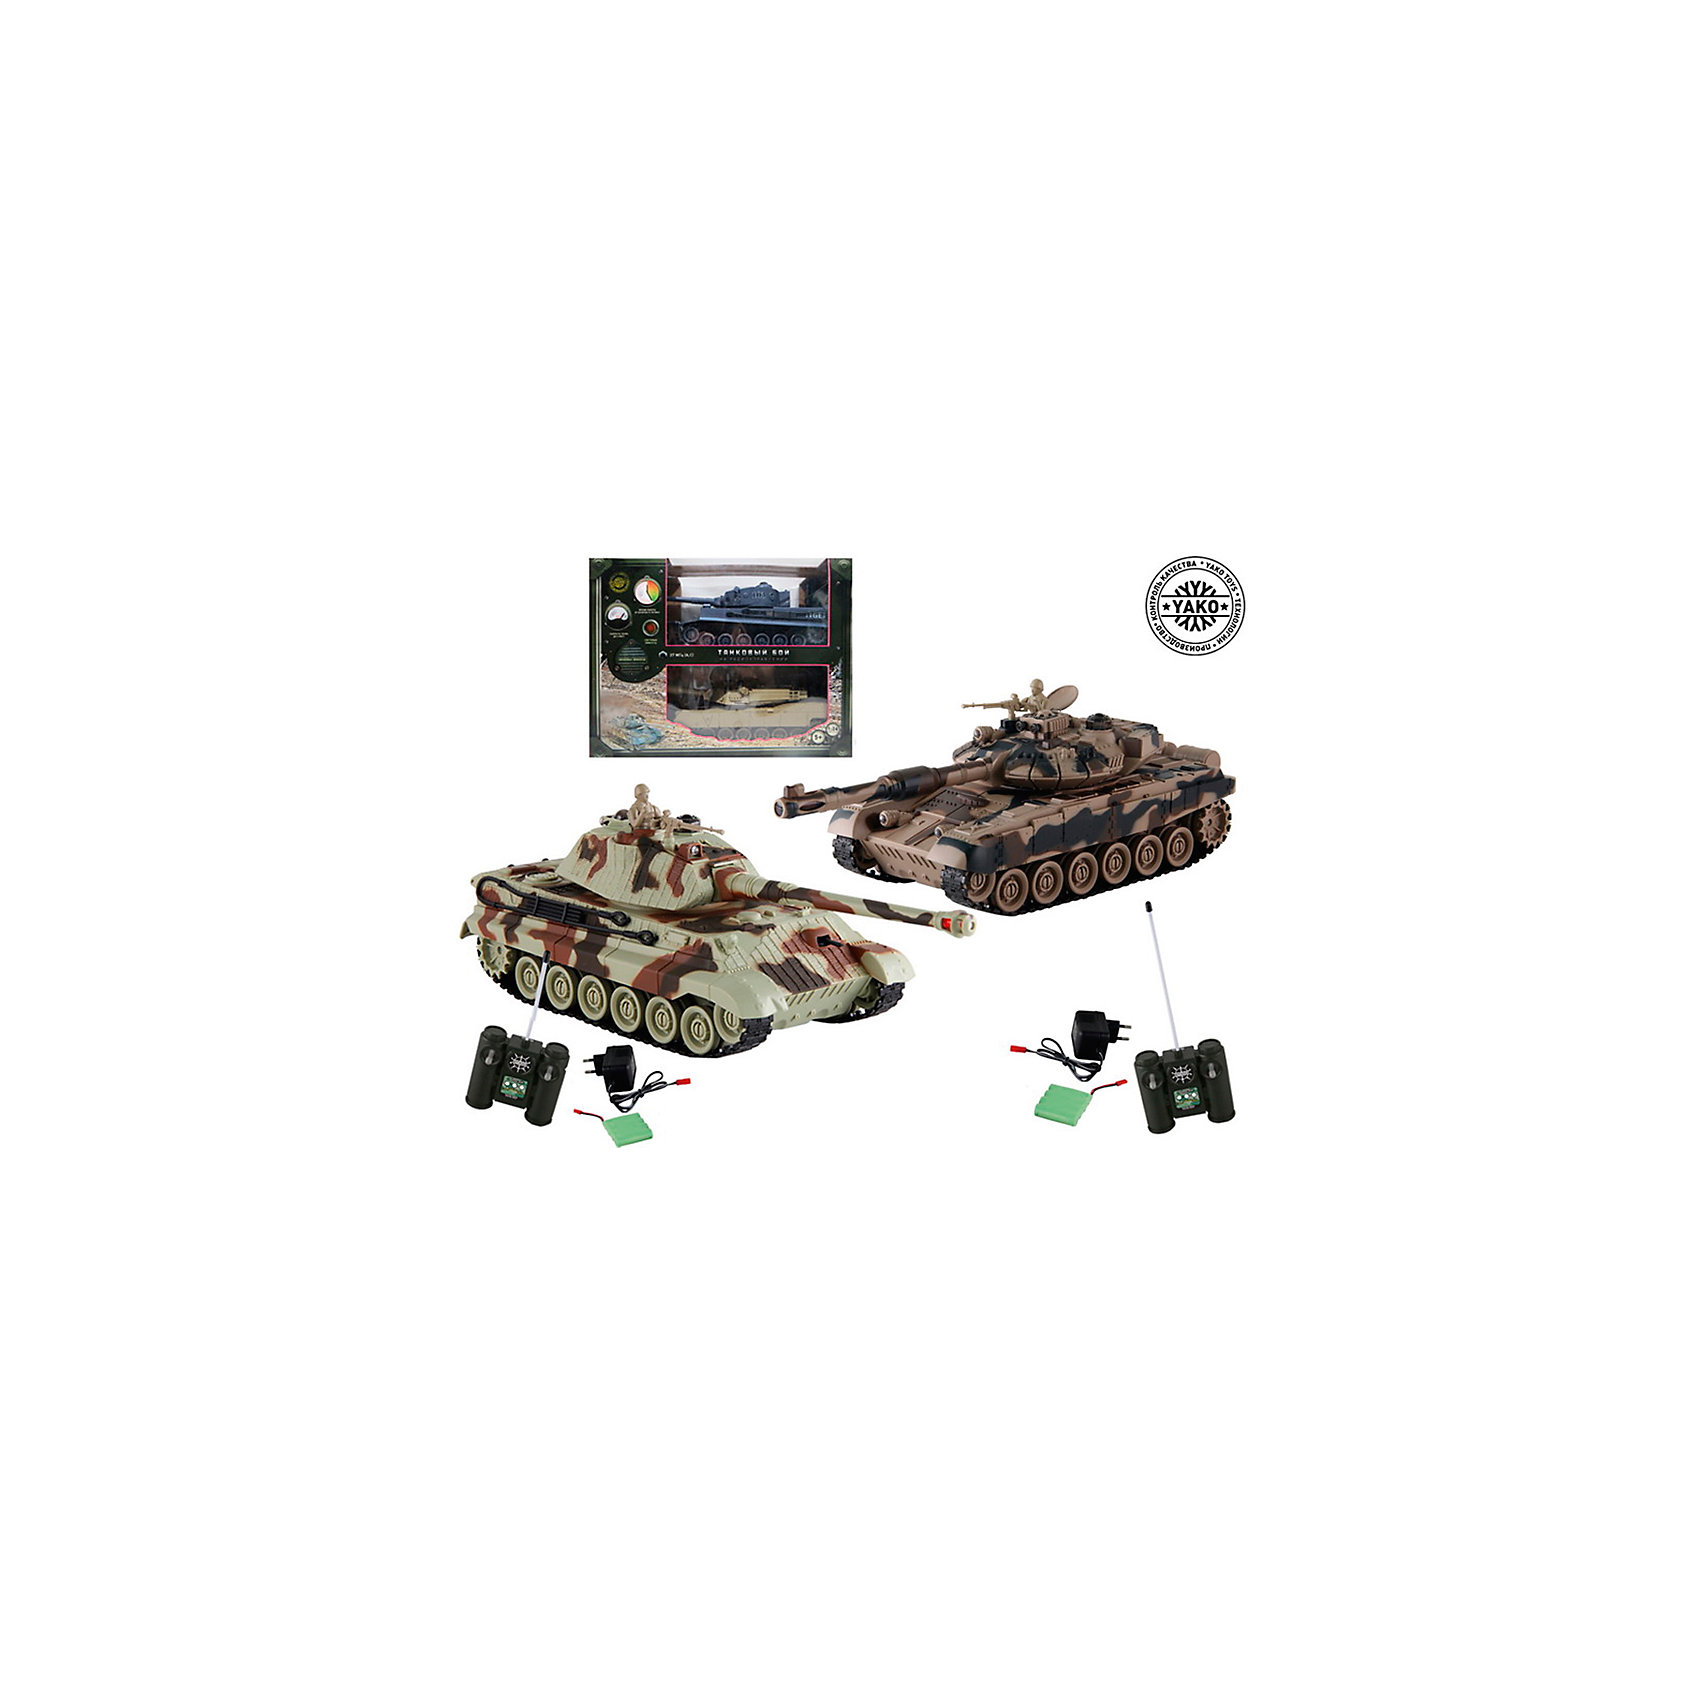 Набор Т90 против Королевского тигра, 1:24, на радиоуправлении, YakoС этим замечательным набором ваш ребенок сможет устроить настоящее танковое сражение! Игрушки являются точными копиями танков Т90 и Королевский тигр выполненными в масштабе 1:24. Танки оснащены пушками с инфракрасным излучателем, могут двигаться во все стороны, башни поворачиваются на 320 градусов. Танки имитируют откат во время выстрела из пушки. Угол наклона пушки регулируется с пульта управления. Преодолевают подъём под уклоном 45 градусов. Имеется индикатор уровня жизни. Принцип действия индикатора: при первом попадании гаснет первая лампа индикатора, перестают работать колёса с левой стороны, при втором - гаснет вторая лампа индикатора, перестают работать колёса справой стороны, при третьем попадании раздаётся звук взрыва и танк перестаёт работать. Через 10 секунд работа танка восстанавливается. Игрушки выполнены из высококачественных прочных материалов безопасных для детей.<br><br>Дополнительная информация:<br><br>- Материал: пластик, металл.<br>- Масштаб: 1:24.<br>- Комплектация: 2 танка, 2 пульта ДУ, аккумулятор, зарядное устройство.<br>- Радиус передачи ИК сигнала: 8 м.<br>- Частота 27 МГц (А/С) .<br>- Скорость: 6 км/ч.<br>- Радиус обстрела: 12 м. <br>- Время работы от аккумулятора: 15-20 минут.<br>- Время зарядки аккумулятора танка: 4 часа.<br>- Индикатор уровня жизни.<br>- Функция автоотключения. <br>- Демо режим.<br>- Элемент питания для танков - 2 аккумулятора Ni Cd 600 mAh 4,8V (в комплекте).<br>- Элемент питания для пультов ДУ - 2 батарейки типа АА (нет в комплекте). <br><br>Набор Т90 против Королевского тигра, 1:24, на радиоуправлении, Yako, можно купить в нашем магазине.<br><br>Ширина мм: 420<br>Глубина мм: 320<br>Высота мм: 140<br>Вес г: 1500<br>Возраст от месяцев: 36<br>Возраст до месяцев: 120<br>Пол: Мужской<br>Возраст: Детский<br>SKU: 4636490